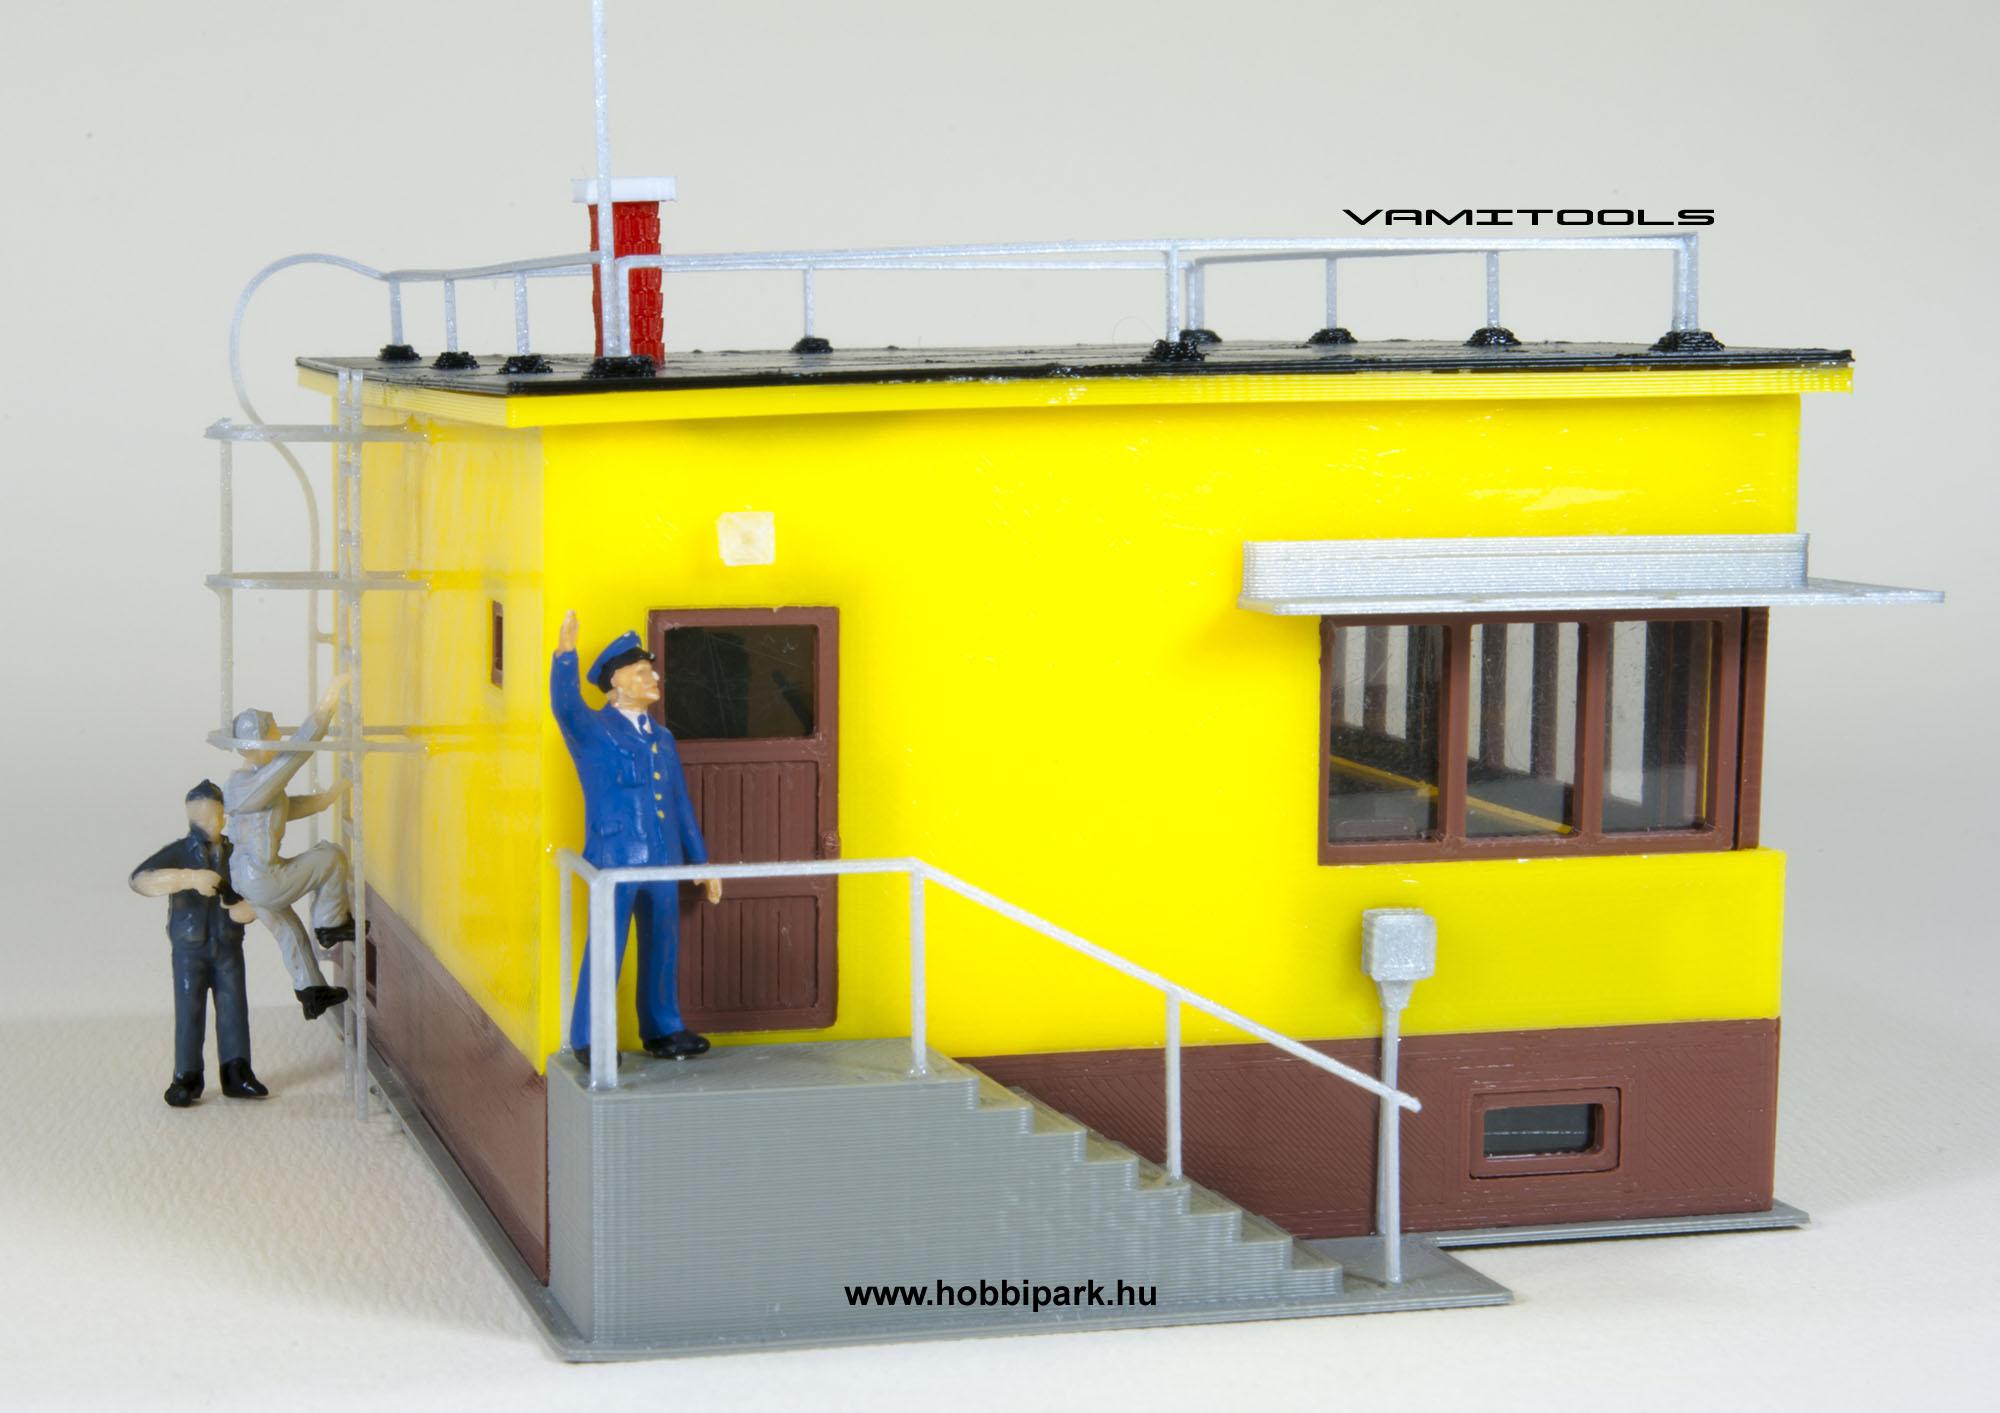 váltókezelő épület, váltókezelő, váltóállító, váltóállító épület, őrhely, vasúti őrhely, épület, ház, végponti szolgálati hely, őrház, vasúi őrház, vasúti épület, MÁV váltókezelő épület, MÁV váltókezelő, MÁV váltóállító, MÁV váltóállító épület, MÁV őrhely, MÁV vasúti őrhely, MÁV épület, MÁV ház, MÁV végponti szolgálati hely, MÁV őrház, MÁV vasúi őrház, MÁV vasúti épület, HÉV váltókezelő épület, HÉV váltókezelő, HÉV váltóállító, HÉV váltóállító épület, HÉV őrhely, HÉV vasúti őrhely, HÉV épület, HÉV ház, HÉV végponti szolgálati hely, HÉV őrház, HÉV vasúi őrház, HÉV vasúti épület, Ercsi váltókezelő épület, Ercsi váltókezelő, Ercsi váltóállító, Ercsi váltóállító épület, Ercsi őrhely, Ercsi vasúti őrhely, Ercsi épület, Ercsi ház, Ercsi végponti szolgálati hely, Ercsi őrház, Ercsi vasúi őrház, Ercsi vasúti épület, terepasztal, dioráma, H0 váltókezelő épület, H0 váltókezelő, H0 váltóállító, H0 váltóállító épület, H0 őrhely, H0 vasúti őrhely, H0 épület, H0 ház, H0 végponti szolgálati hely, H0 őrház, H0 vasúi őrház, H0 vasúti épület, H0 MÁV váltókezelő épület, H0 MÁV váltókezelő, H0 MÁV váltóállító, H0 MÁV váltóállító épület, H0 MÁV őrhely, H0 MÁV vasúti őrhely, H0 MÁV épület, H0 MÁV ház, H0 MÁV végponti szolgálati hely, H0 MÁV őrház, H0 MÁV vasúi őrház, H0 MÁV vasúti épület, H0 HÉV váltókezelő épület, H0 HÉV váltókezelő, H0 HÉV váltóállító, H0 HÉV váltóállító épület, H0 HÉV őrhely, H0 HÉV vasúti őrhely, H0 HÉV épület, H0 HÉV ház, H0 HÉV végponti szolgálati hely, H0 HÉV őrház, H0 HÉV vasúi őrház, H0 HÉV vasúti épület, H0 Ercsi váltókezelő épület, H0 Ercsi váltókezelő, H0 Ercsi váltóállító, H0 Ercsi váltóállító épület, H0 Ercsi őrhely, H0 Ercsi vasúti őrhely, H0 Ercsi épület, H0 Ercsi ház, H0 Ercsi végponti szolgálati hely, H0 Ercsi őrház, H0 Ercsi vasúi őrház, H0 Ercsi vasúti épület, H0 terepasztal, H0 dioráma, 1:87 váltókezelő épület, 1:87 váltókezelő, 1:87 váltóállító, 1:87 váltóállító épület, 1:87 őrhely, 1:87 vasúti őrhely, 1:87 épület, 1:87 ház, 1:87 végponti szolgálati